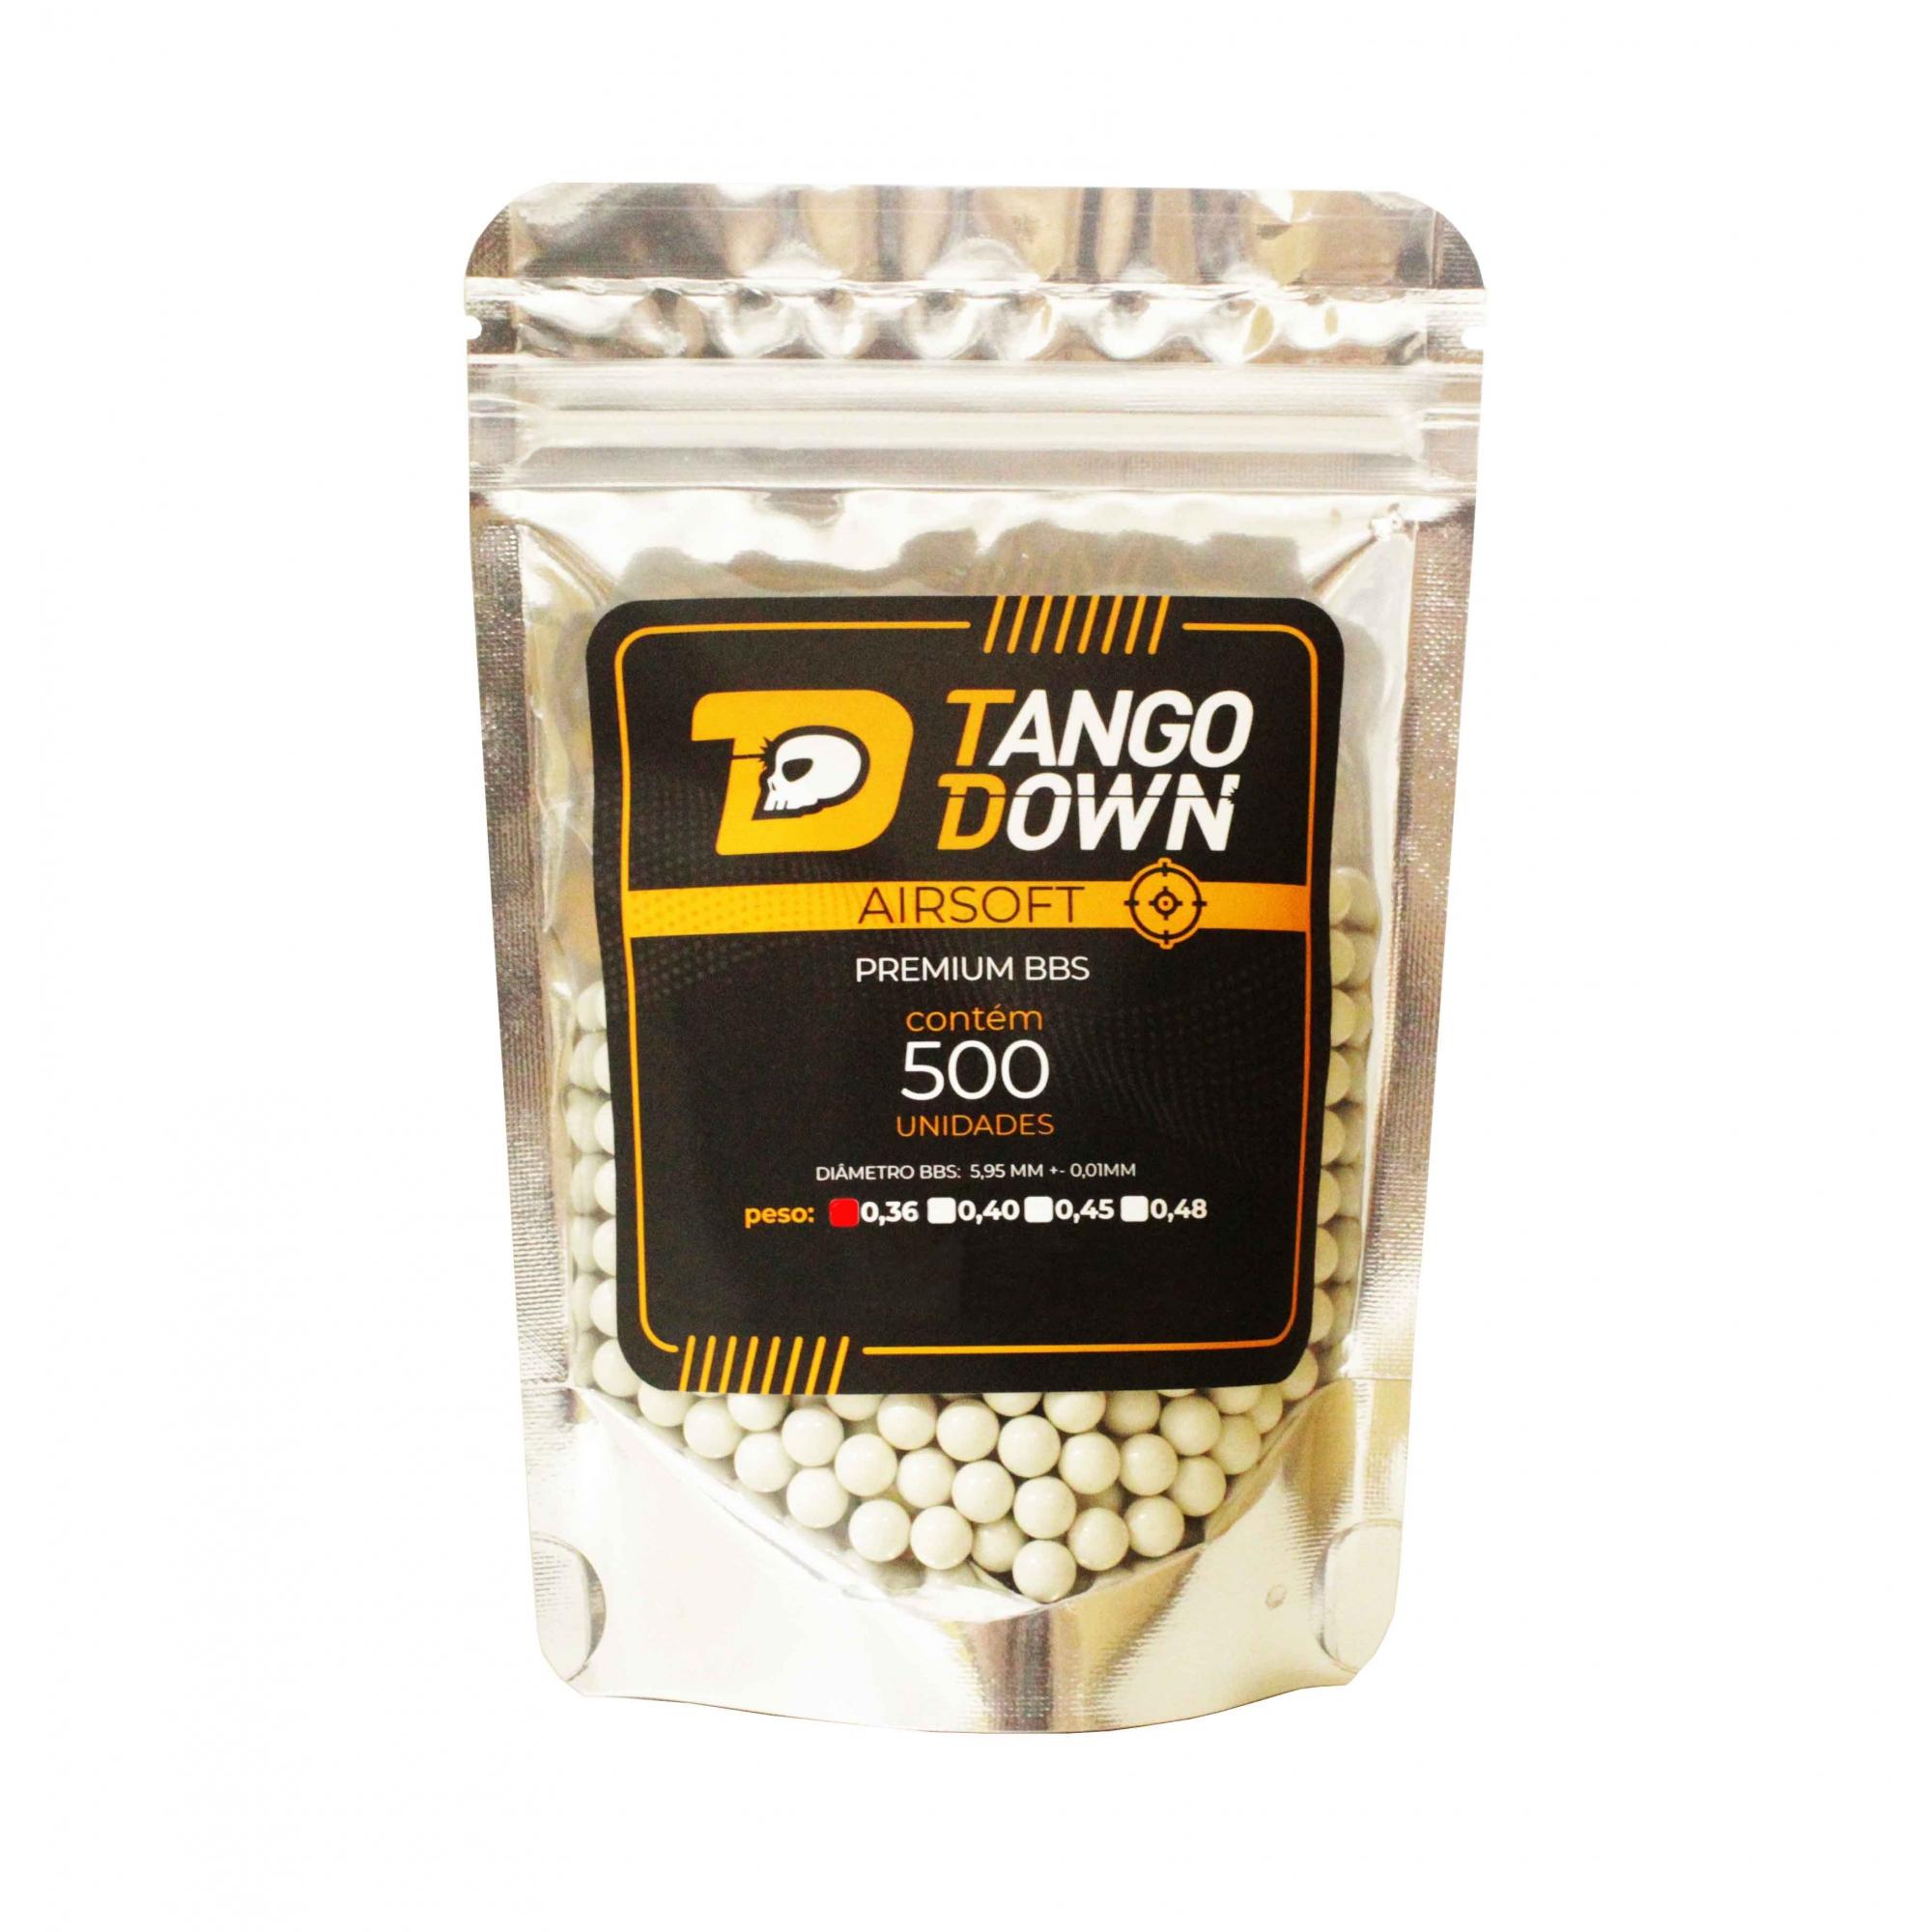 BBS Tango Down 0,36 com 500 Unidades